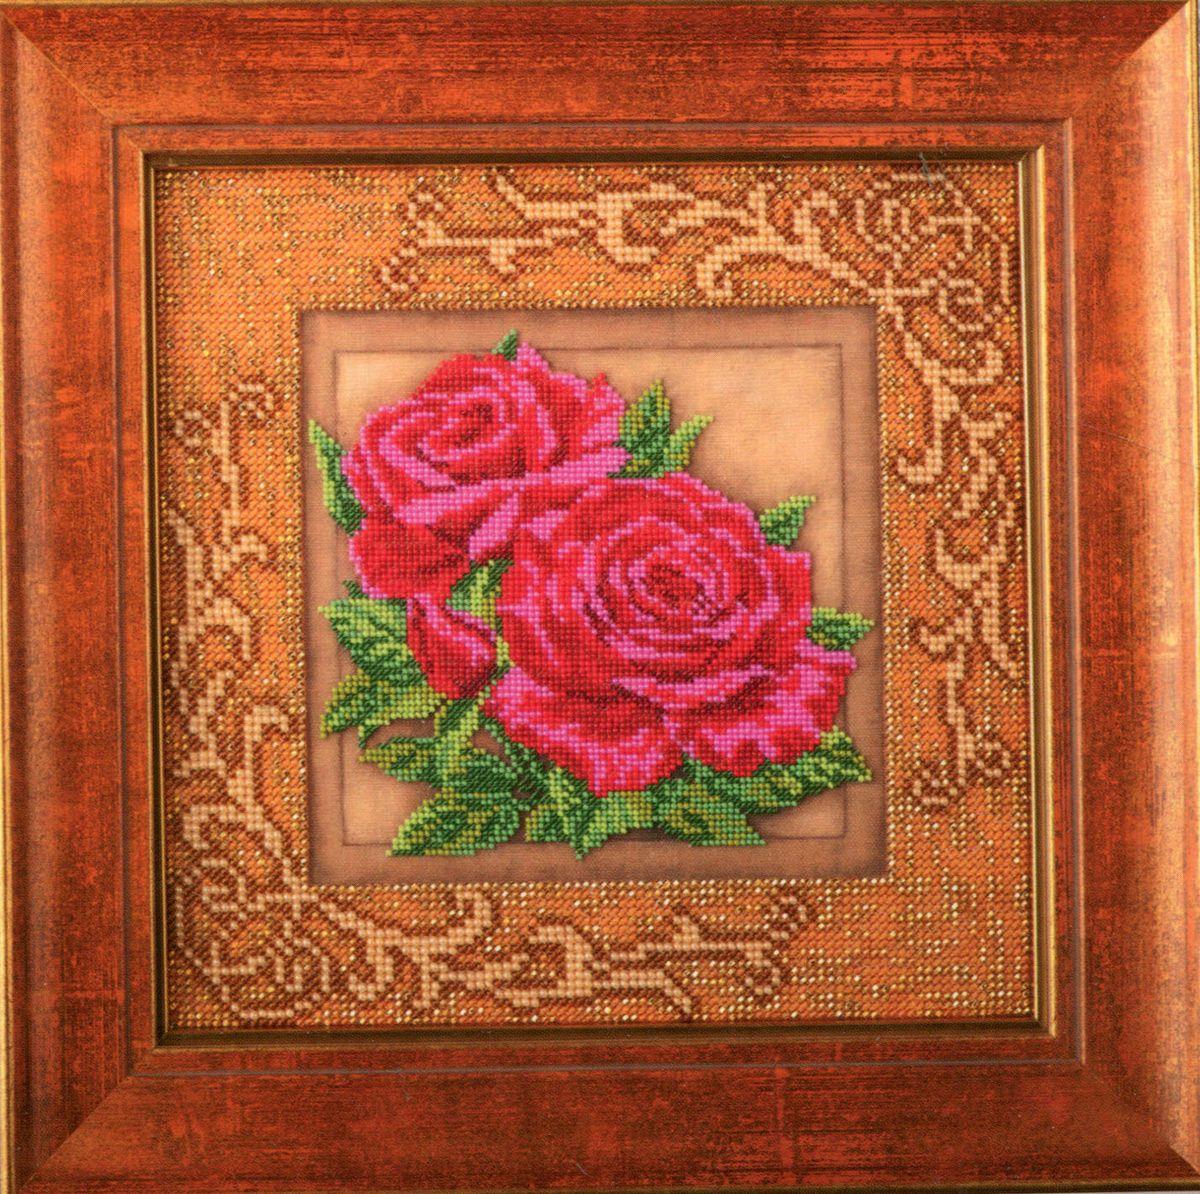 Набор для вышивания бисером Кроше Роскошные розы, 20,5 x 20,5 см694617Набор для вышивания бисером Кроше Роскошные розы поможет вам создать свой личный шедевр - красивую картину, вышитую бисером по цветному фону. Работа, выполненная своими руками, станет отличным подарком для друзей и близких! Набор содержит: - ткань с нанесенным цветным рисунком, - бисер ювелирный, - 2 иглы для бисера, - инструкция на русском языке. ВНИМАНИЕ! Рамка в комплект не входит, а служит для визуального восприятия товара.